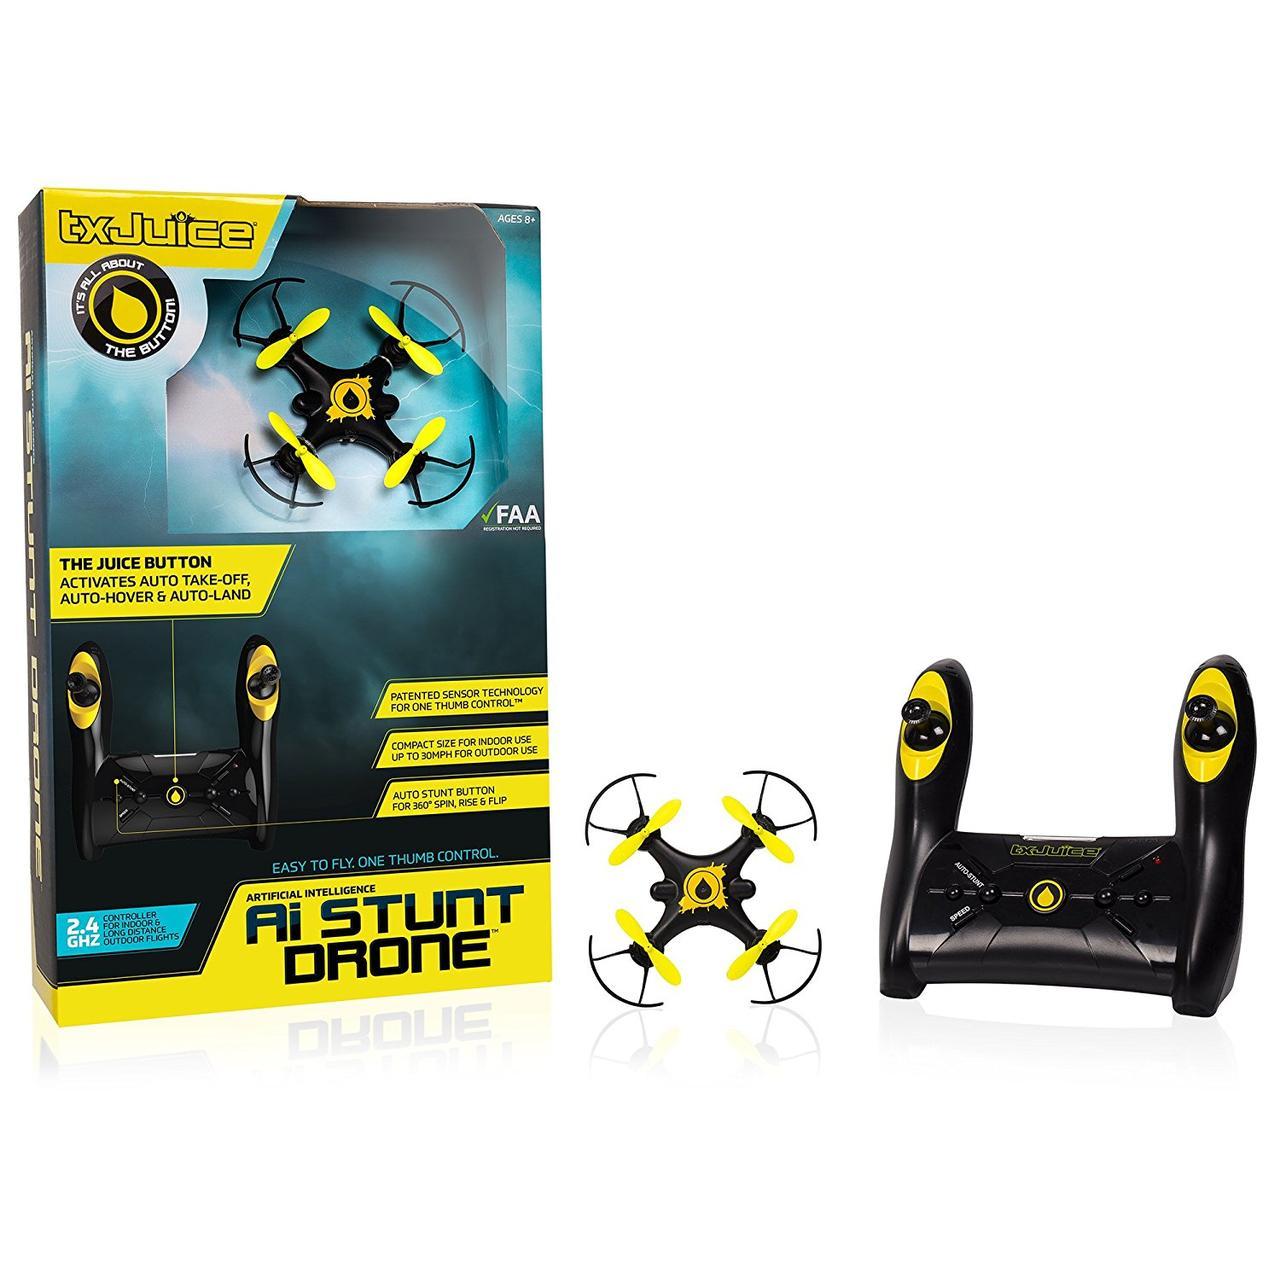 Квадрокоптер - Дрон / TX Juice Ai Stunt Drone - Quadcopter